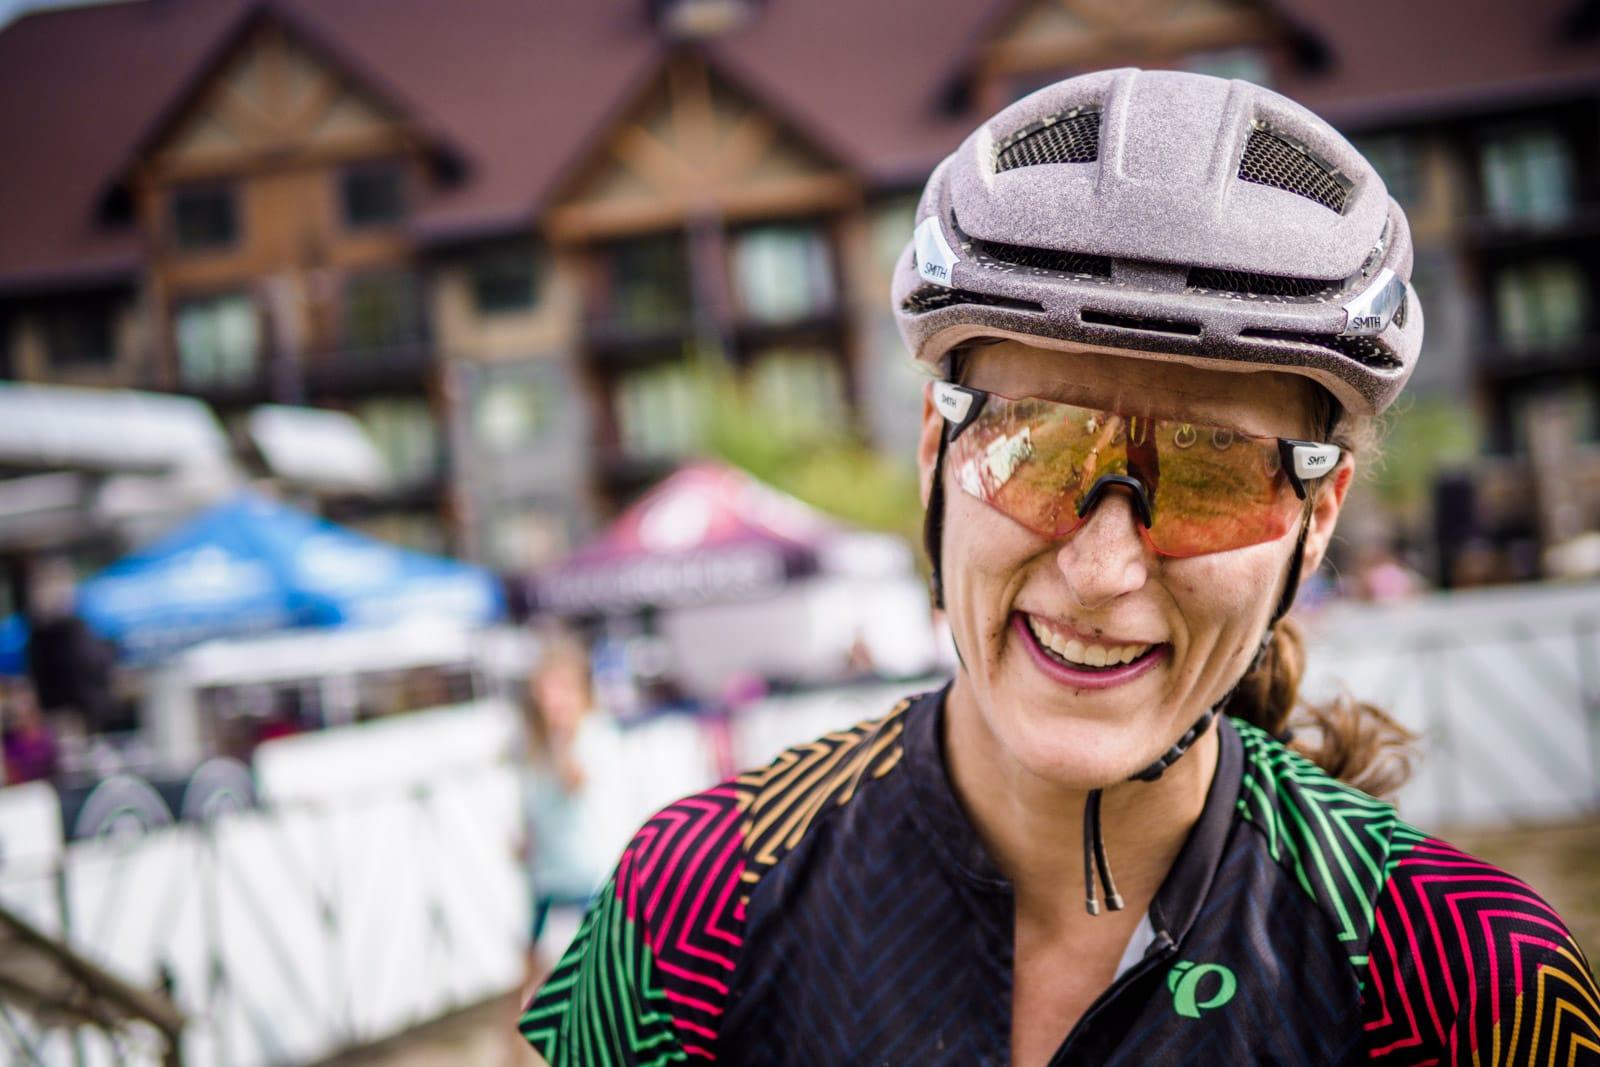 Santa Cruz Bicycles - Juliana Bicycles Mical Dyck at Singletrack6 2018